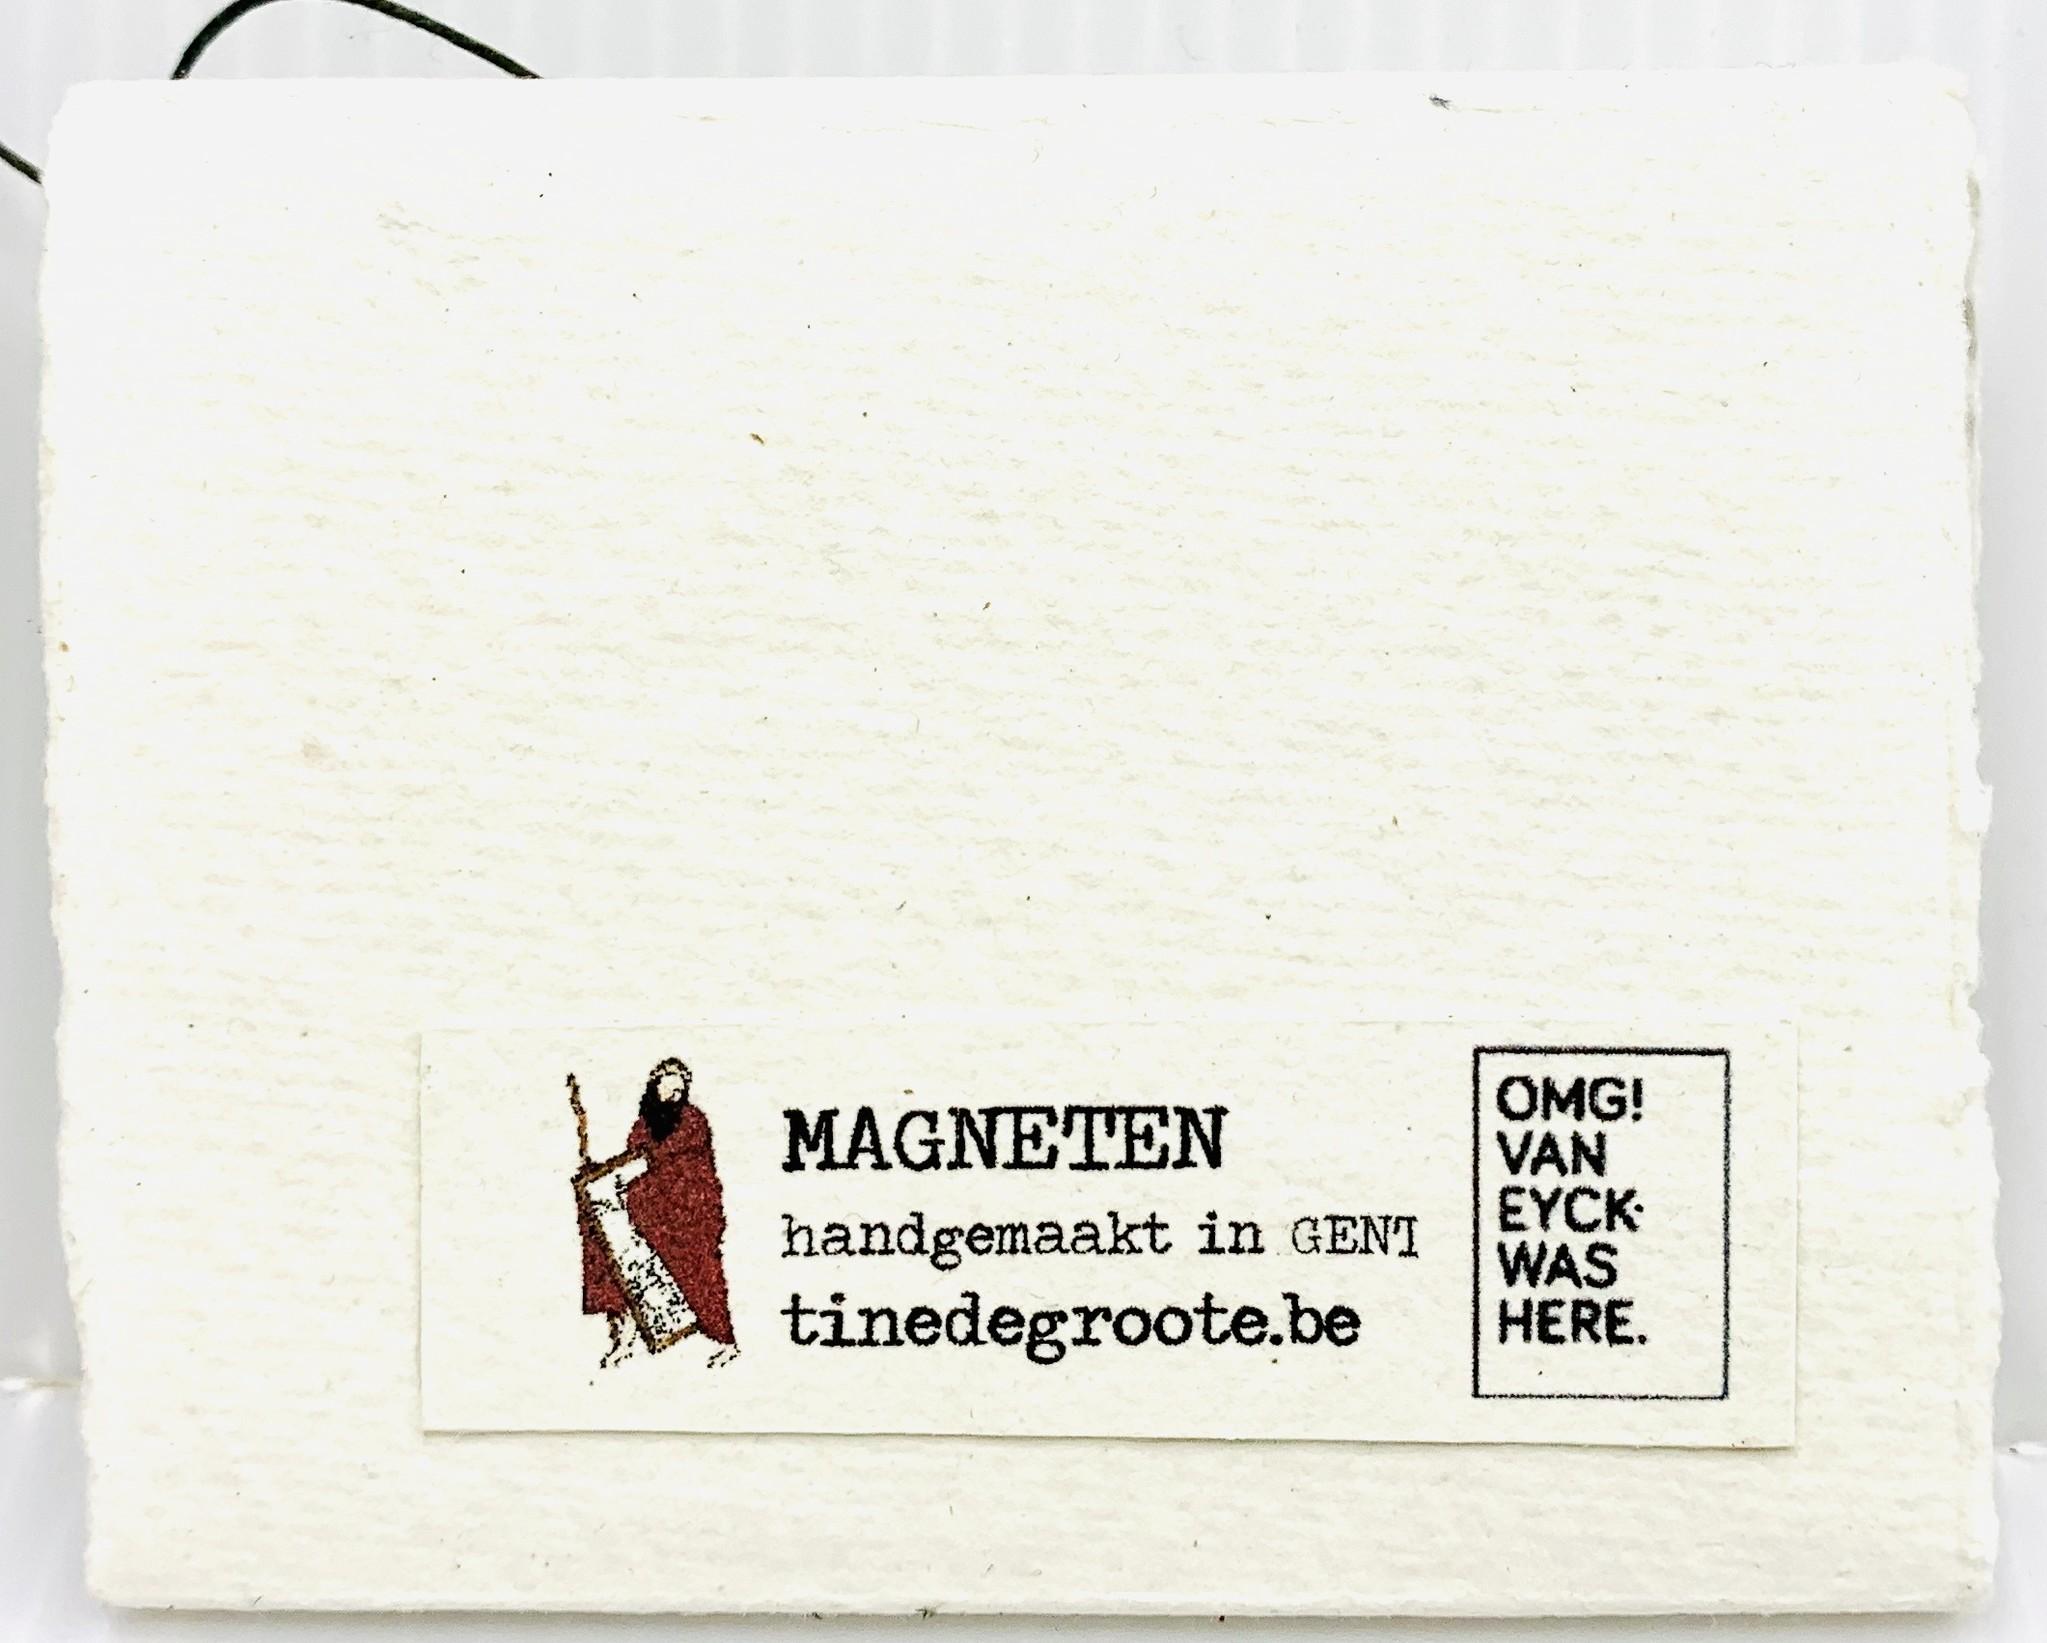 Tine De Groote Magneetset Van Eyck - Tine De Groote